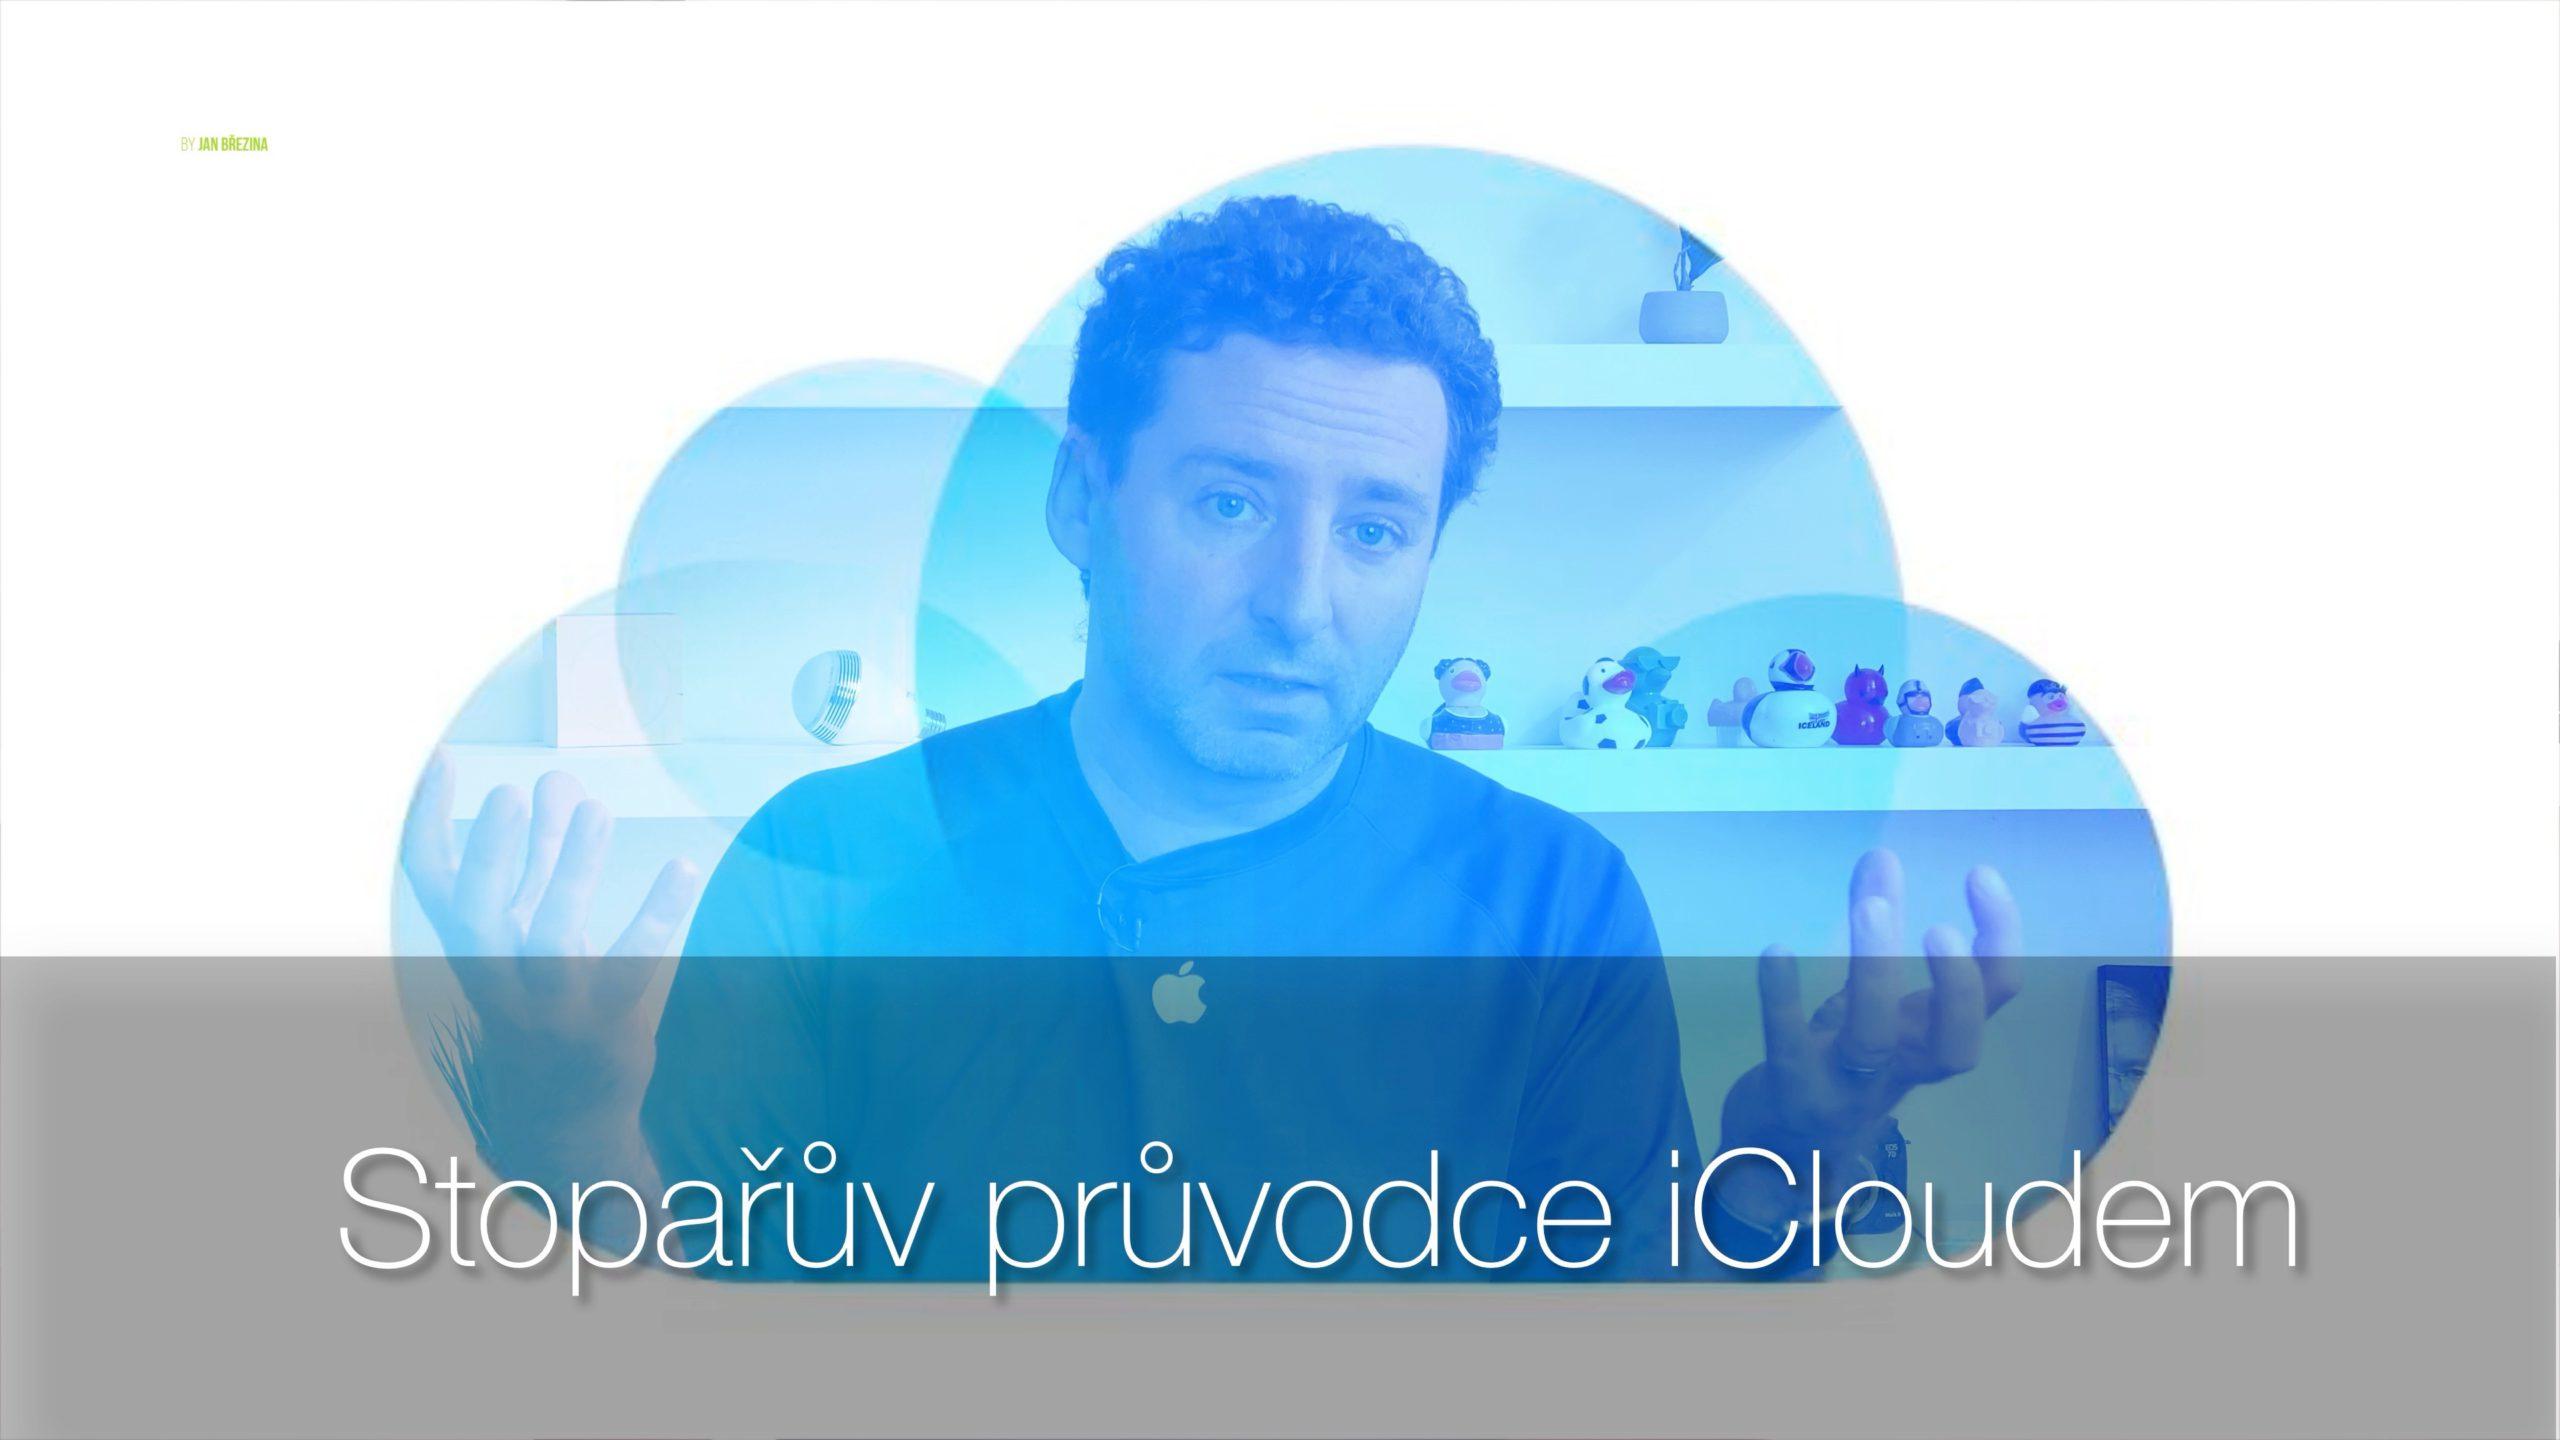 Stopařův průvodce iCloudem